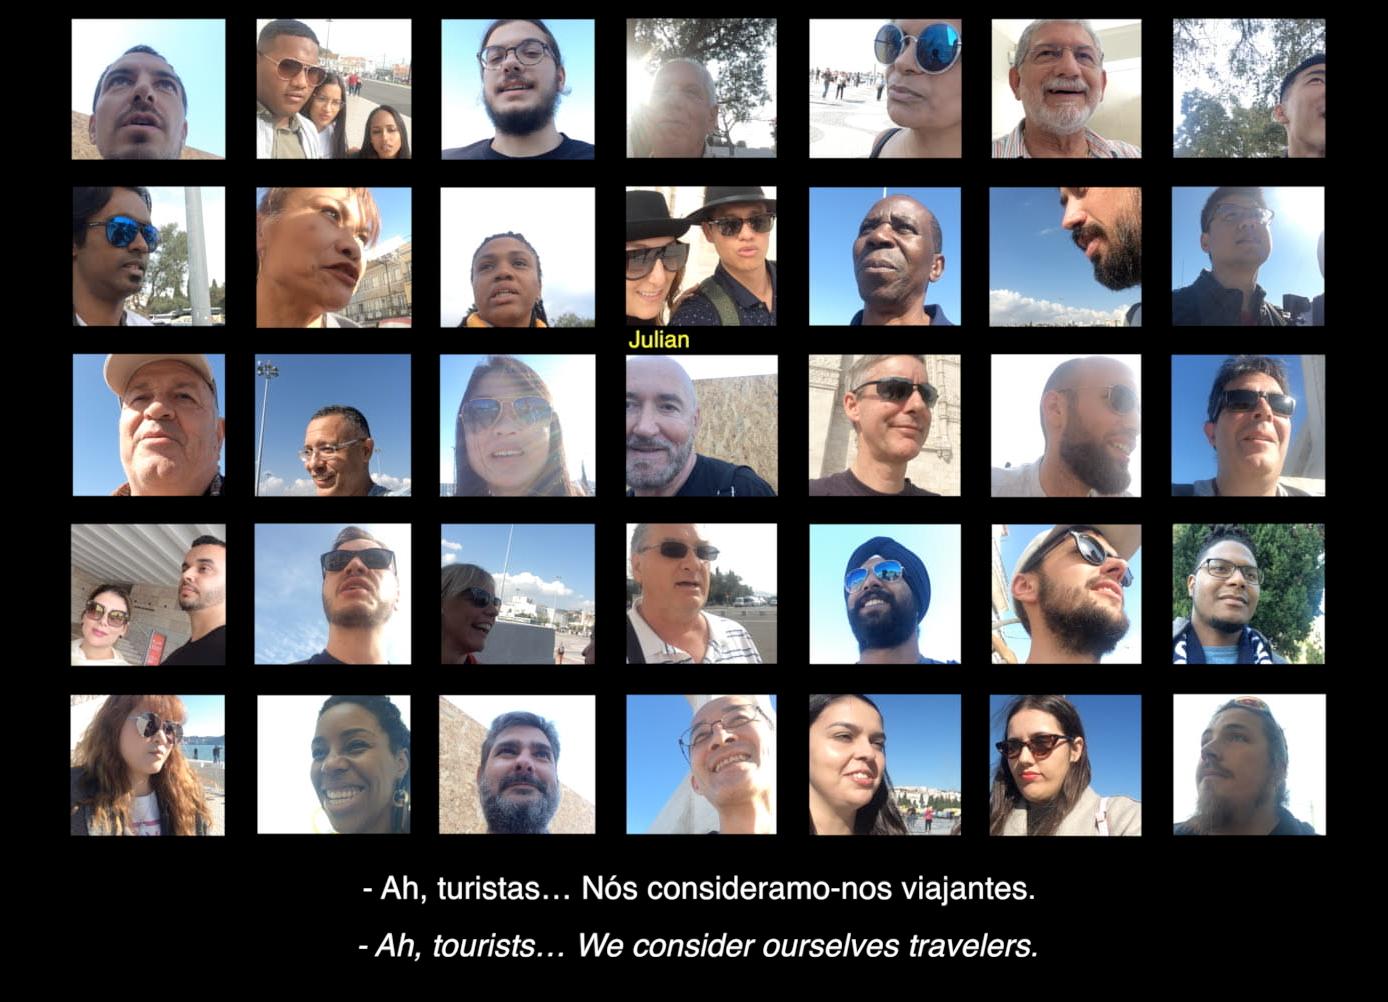 Captura de ecrã das pessoas que foram entrevistadas para a exposição